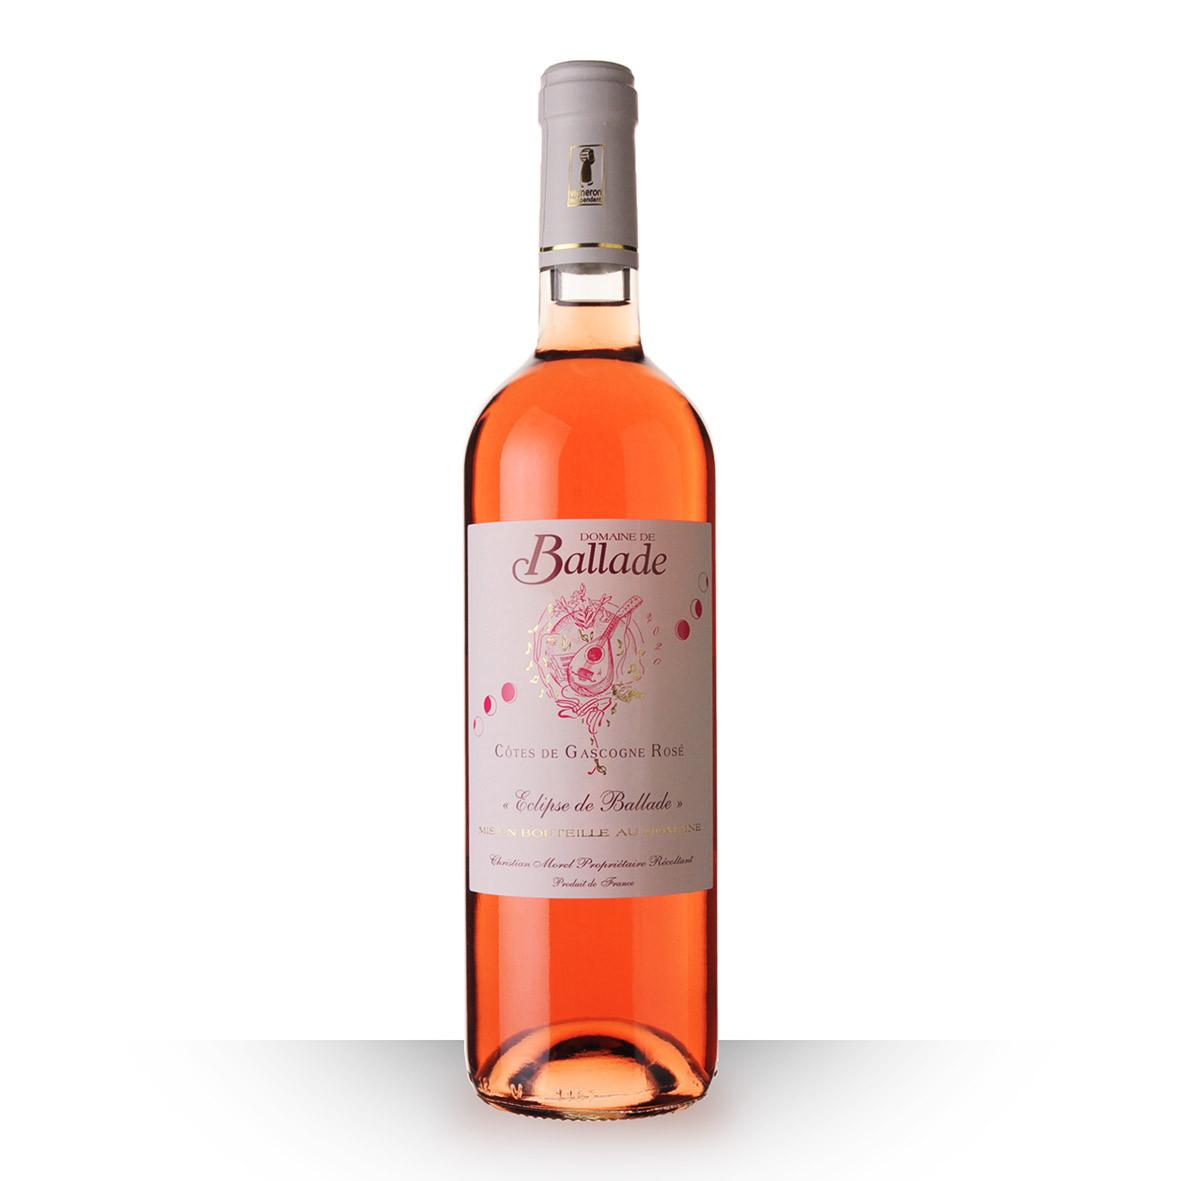 Domaine de Ballade Côtes de Gascogne Rosé 2020 75cl www.odyssee-vins.com